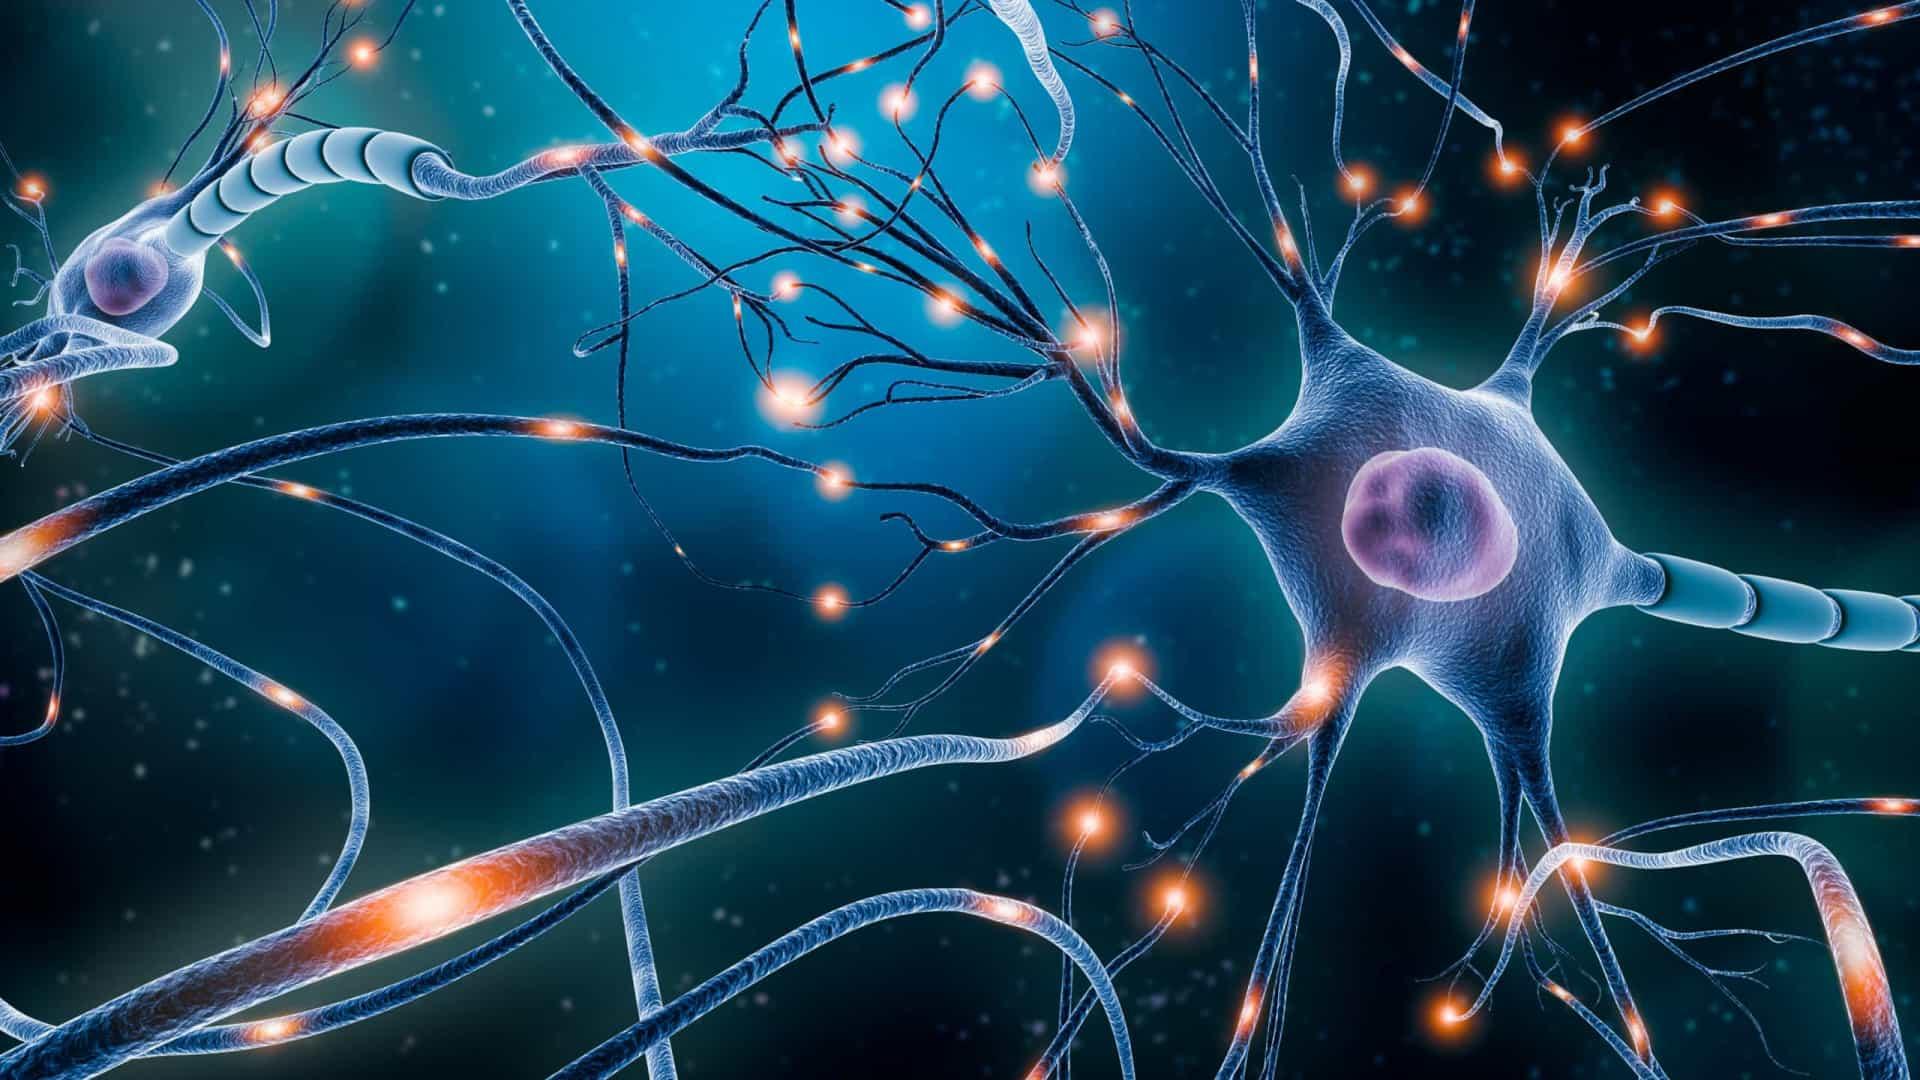 Pesquisadores sintetizam um psicodélico que pode tratar a depressão sem alucinações